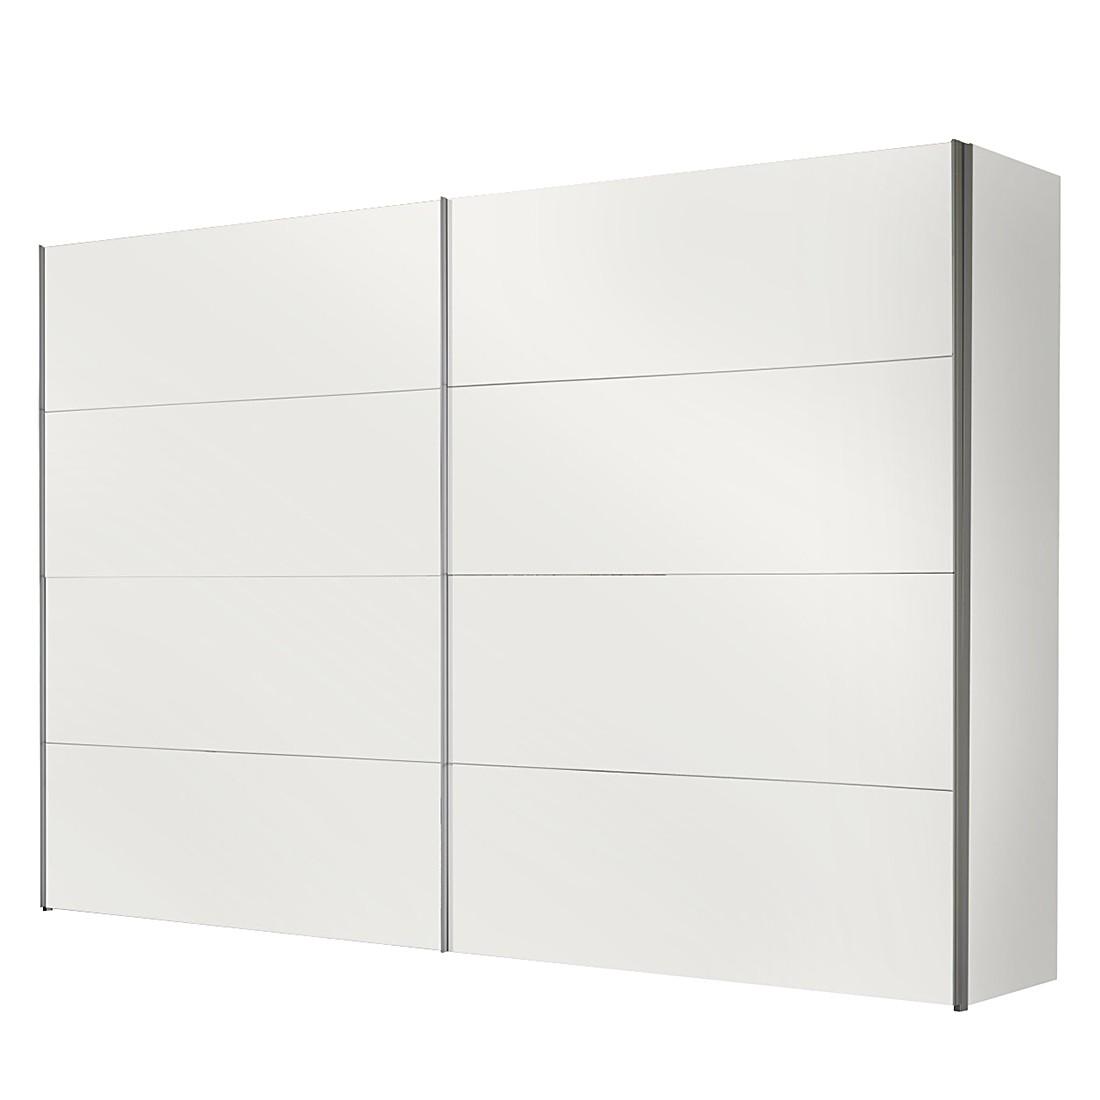 Ante Scorrevoli Portiers Bianco Polare Larghezza Armadio 250 Cm 2 Ante  #6E6E5D 1100 1100 Mobiletto Lavandino Cucina Ikea